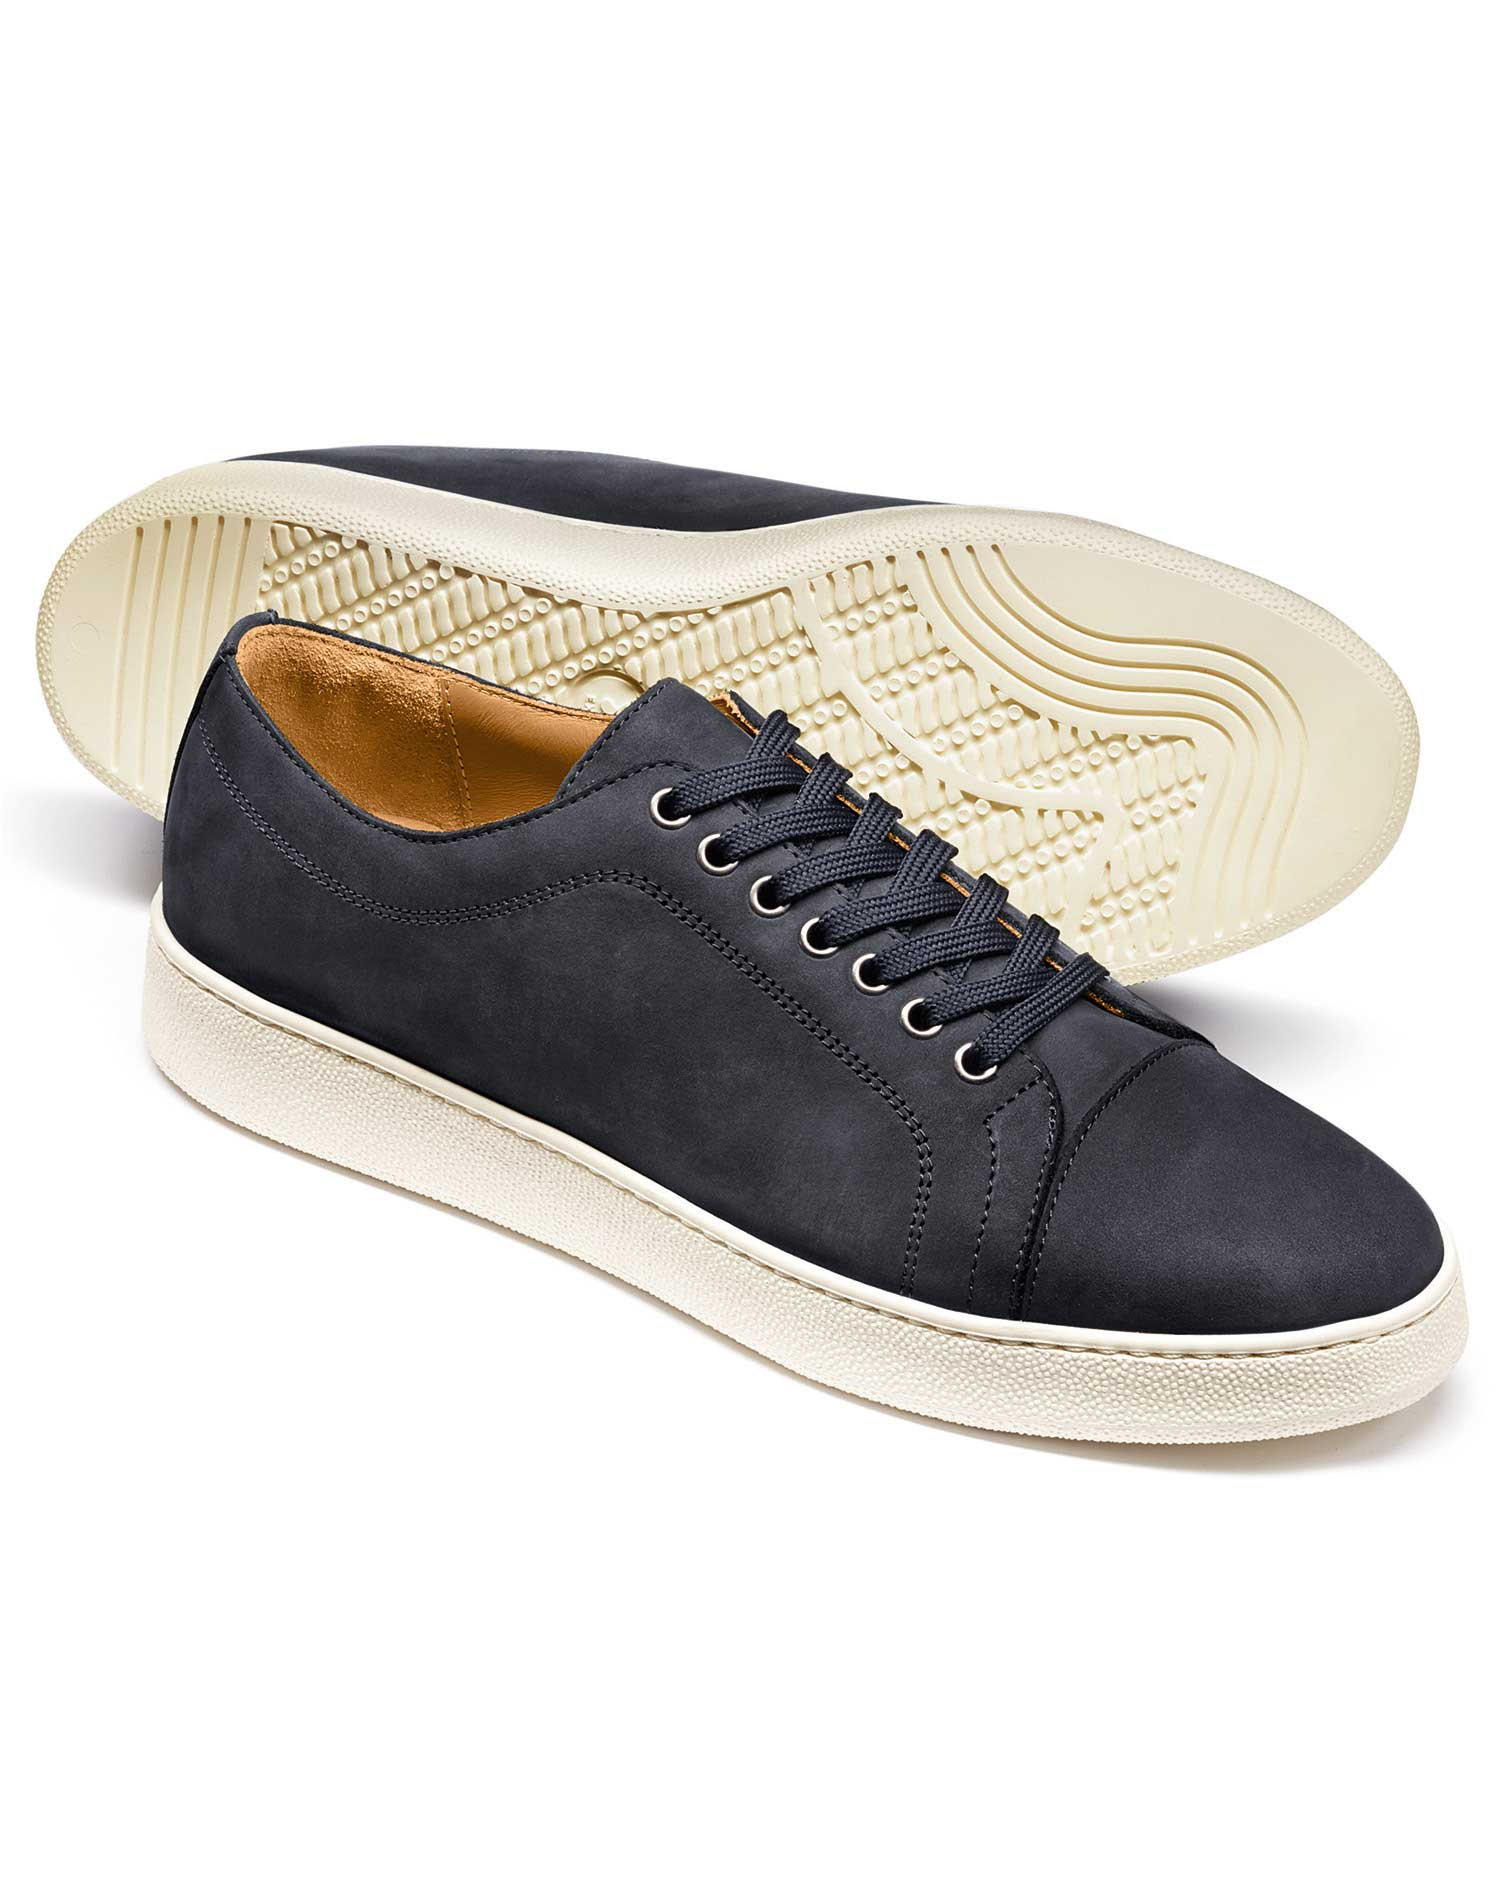 4f74eb582906 ... Blue nubuck leather toe cap sneakers. SALE